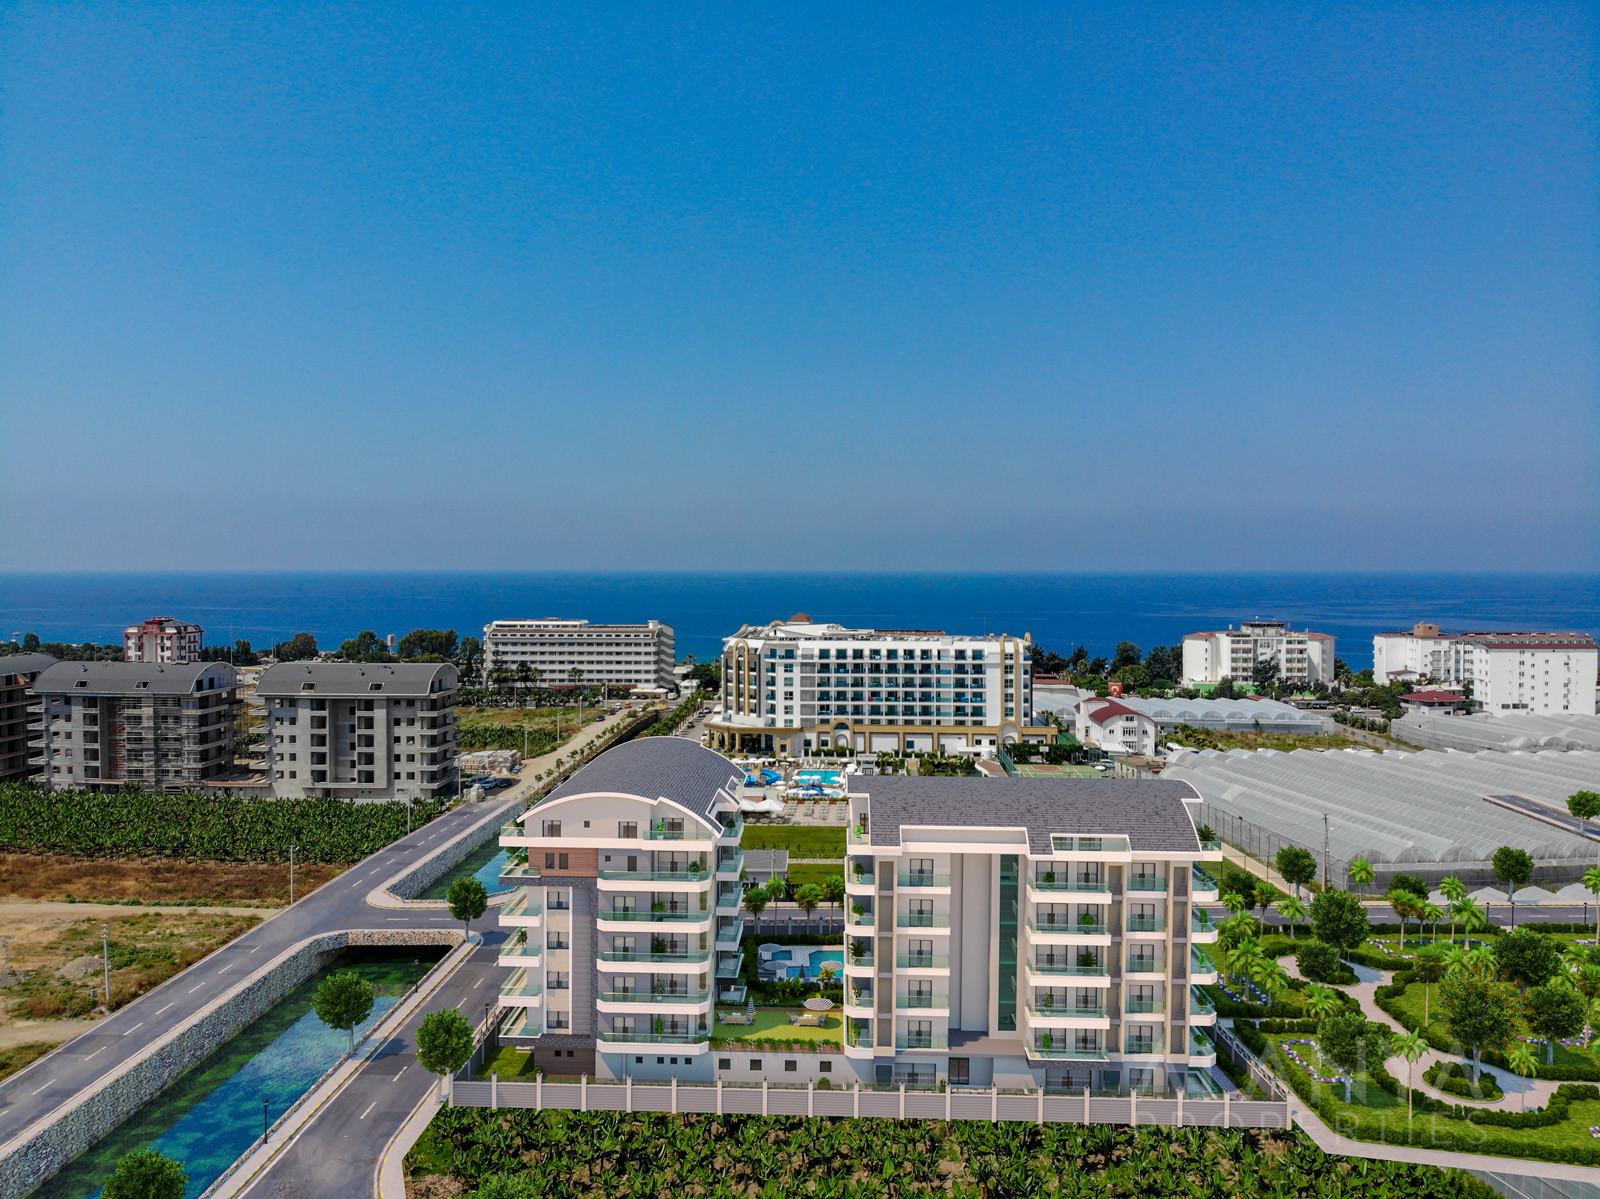 Nieuwe appartementen op goede locatie  aan gunstige prijzen in Kargicak, Alanya